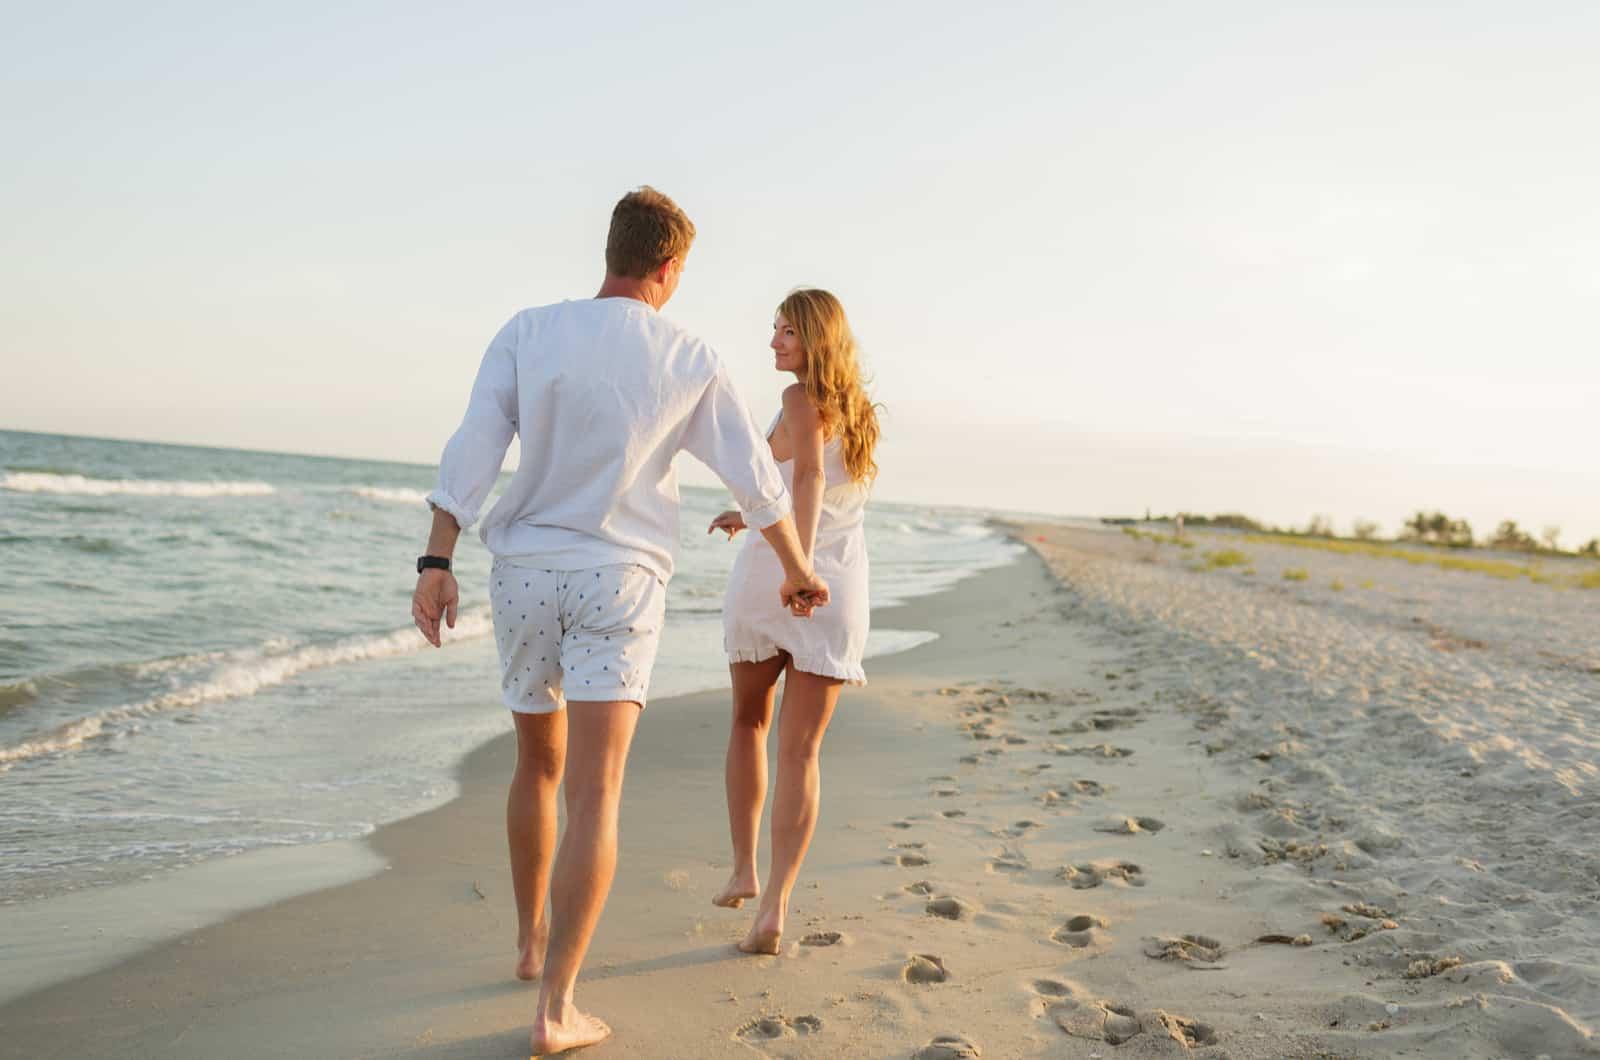 Paar am Strand spazieren und Händchen haltend